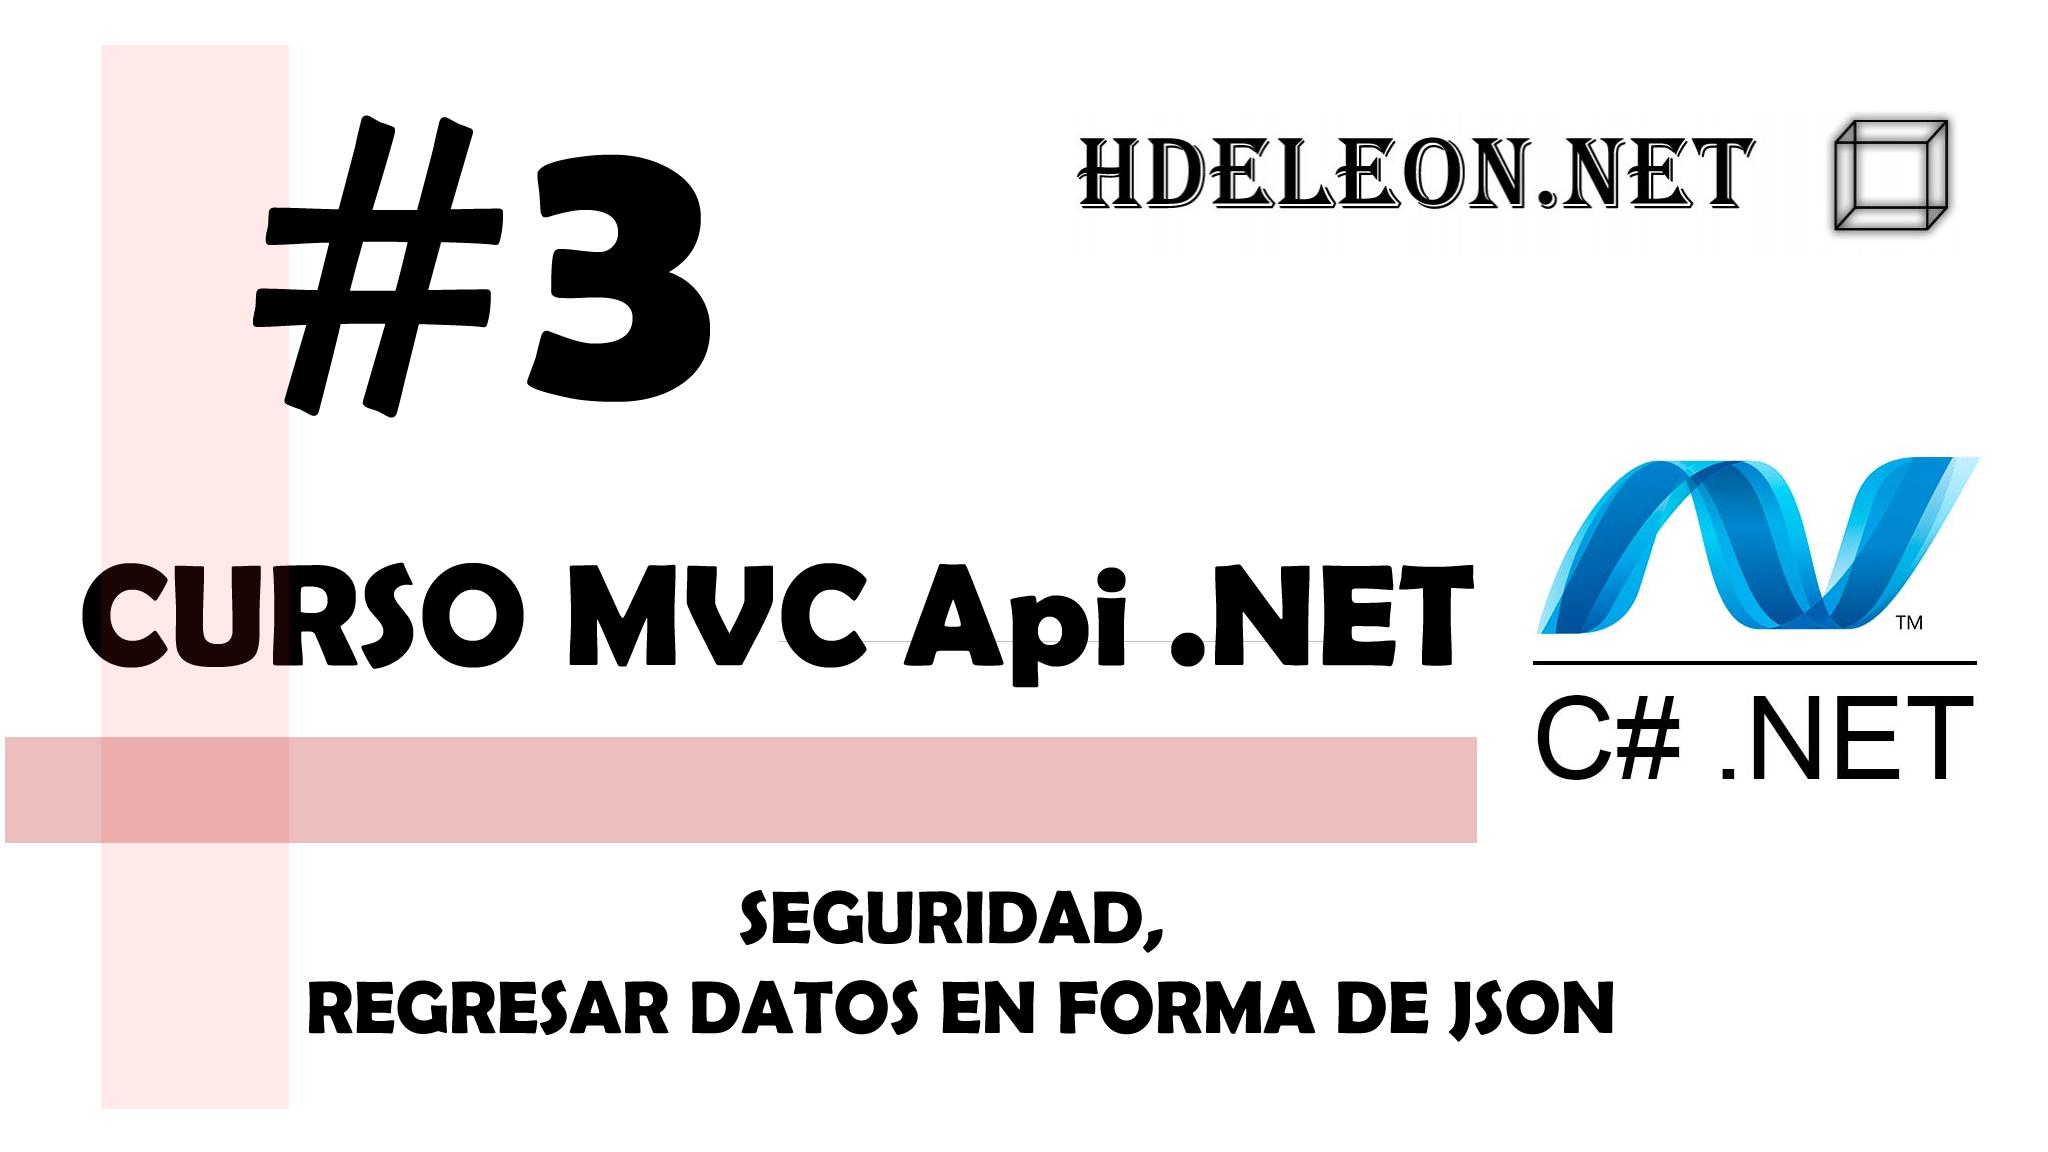 Curso de MVC API .Net C#, Seguridad, Regresar datos en forma de json, #3